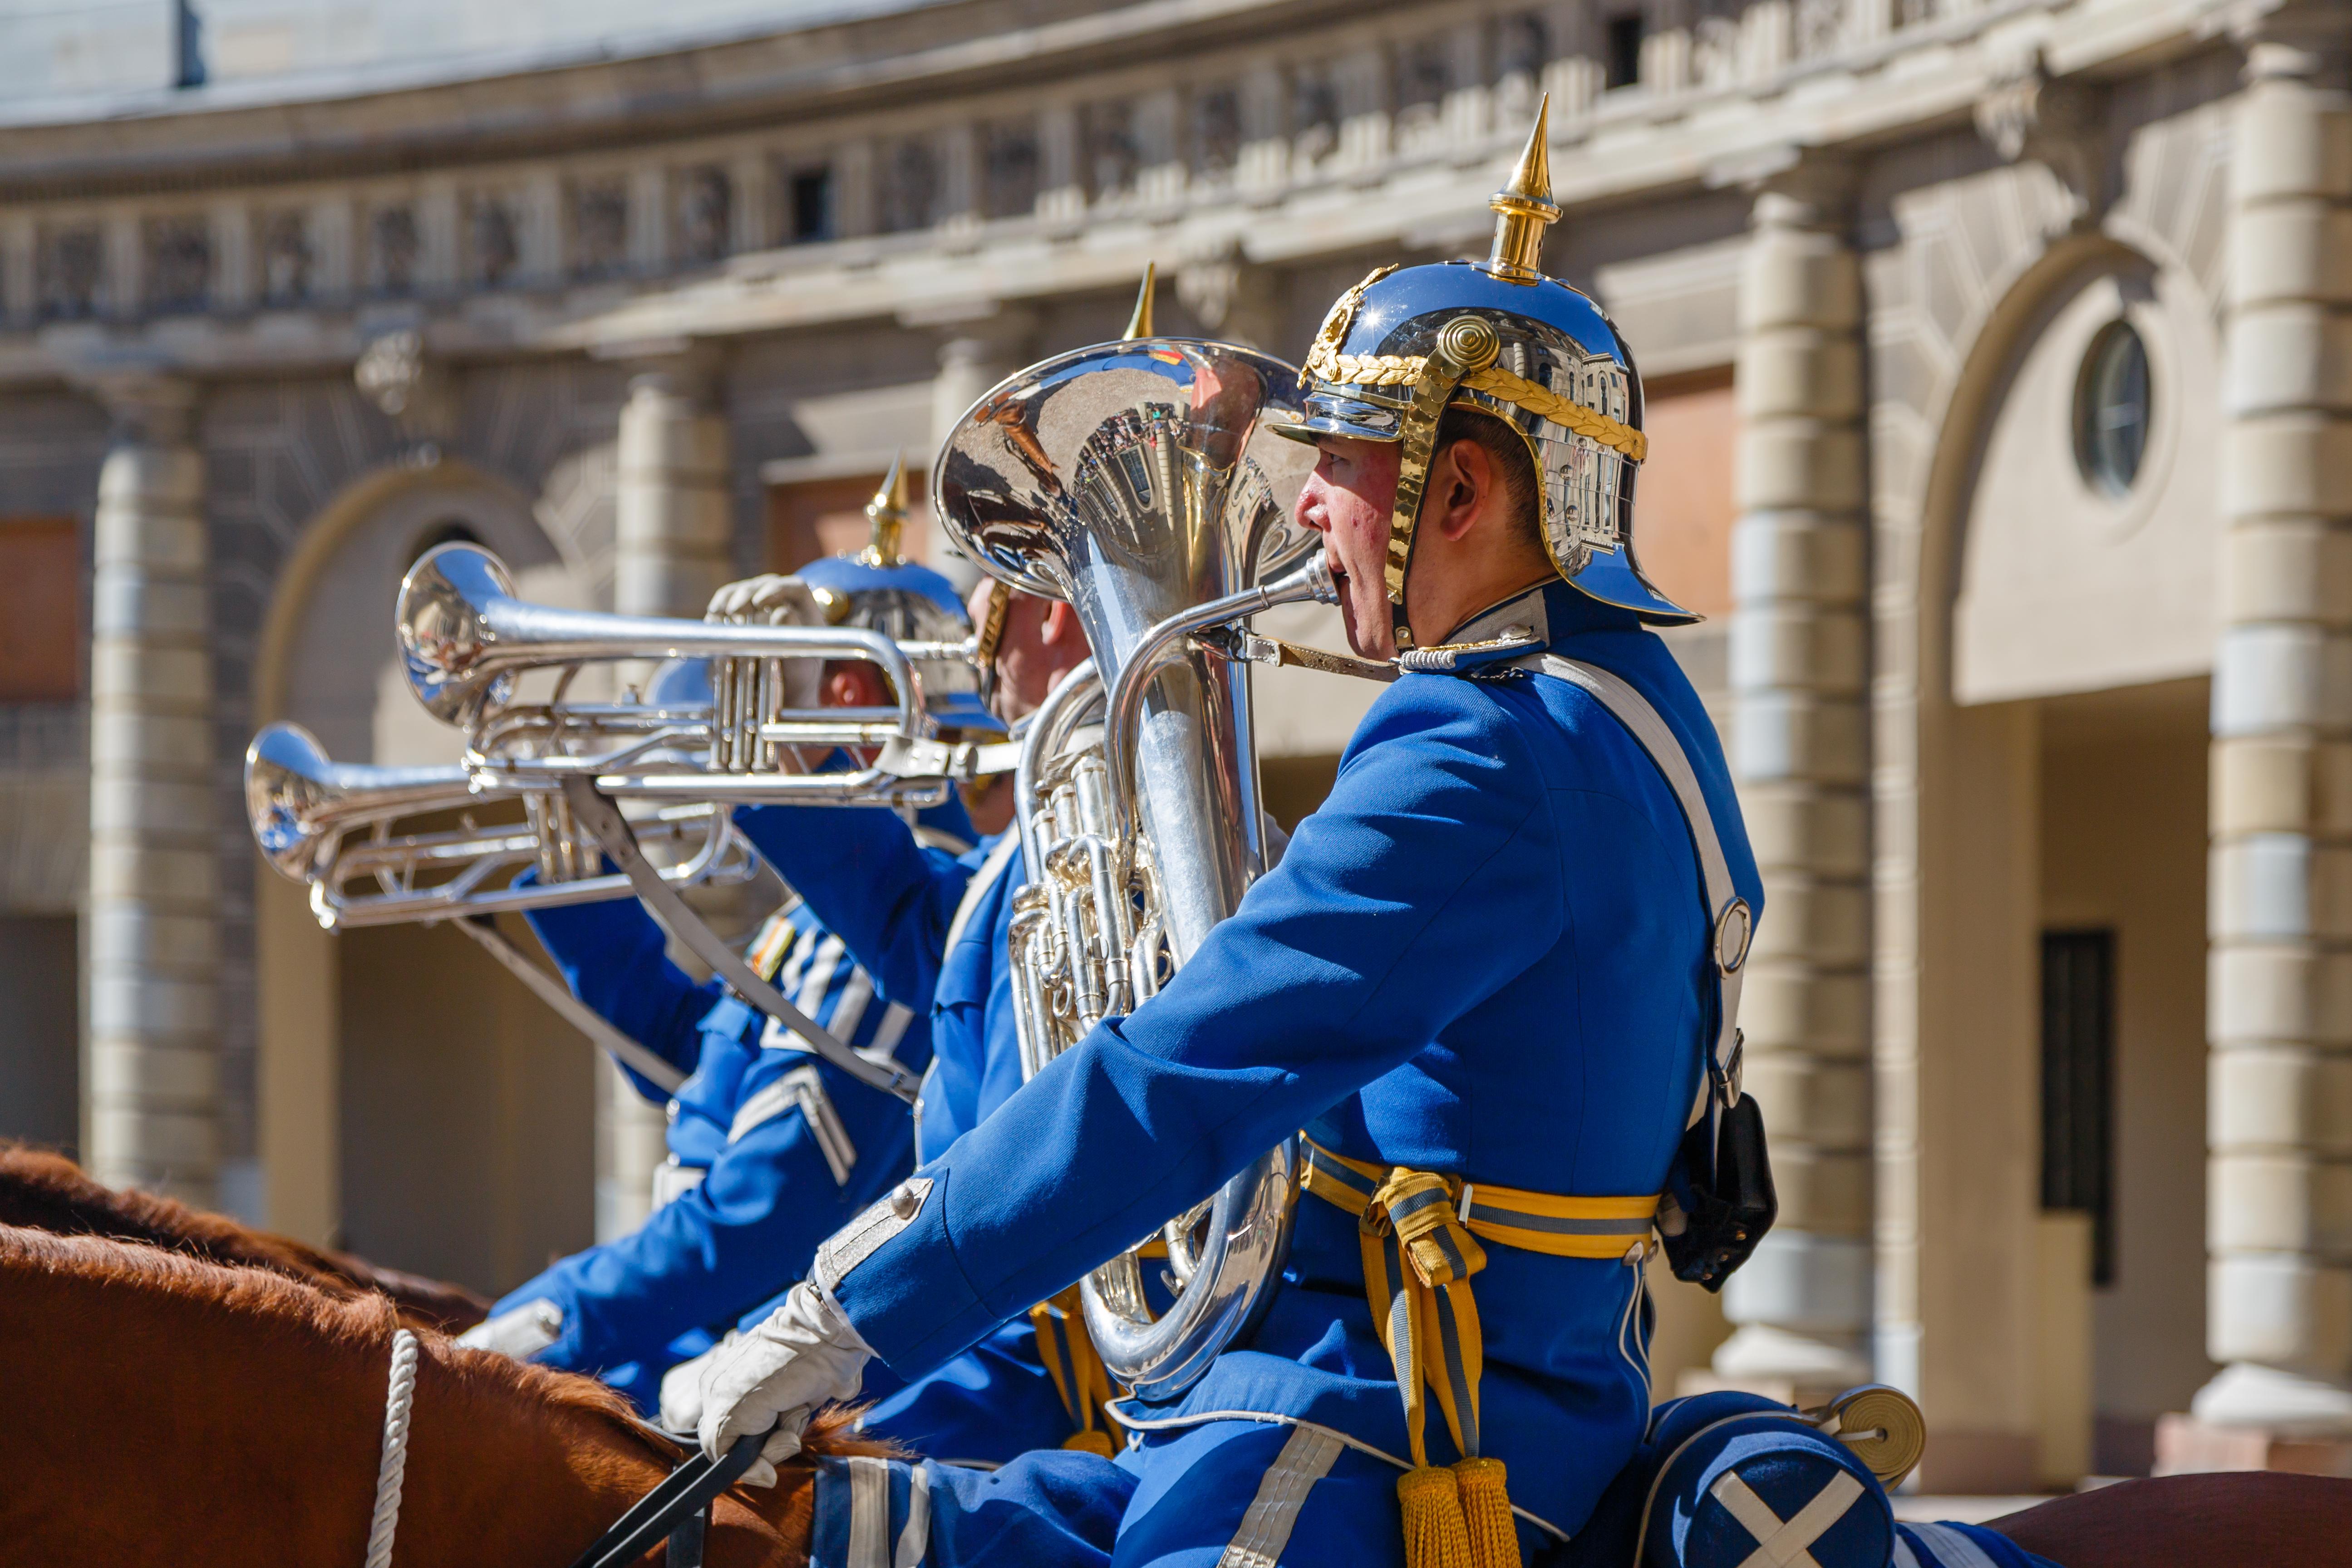 File:Stockholm Sweden Changing-of-the-guard-at-Stockholm